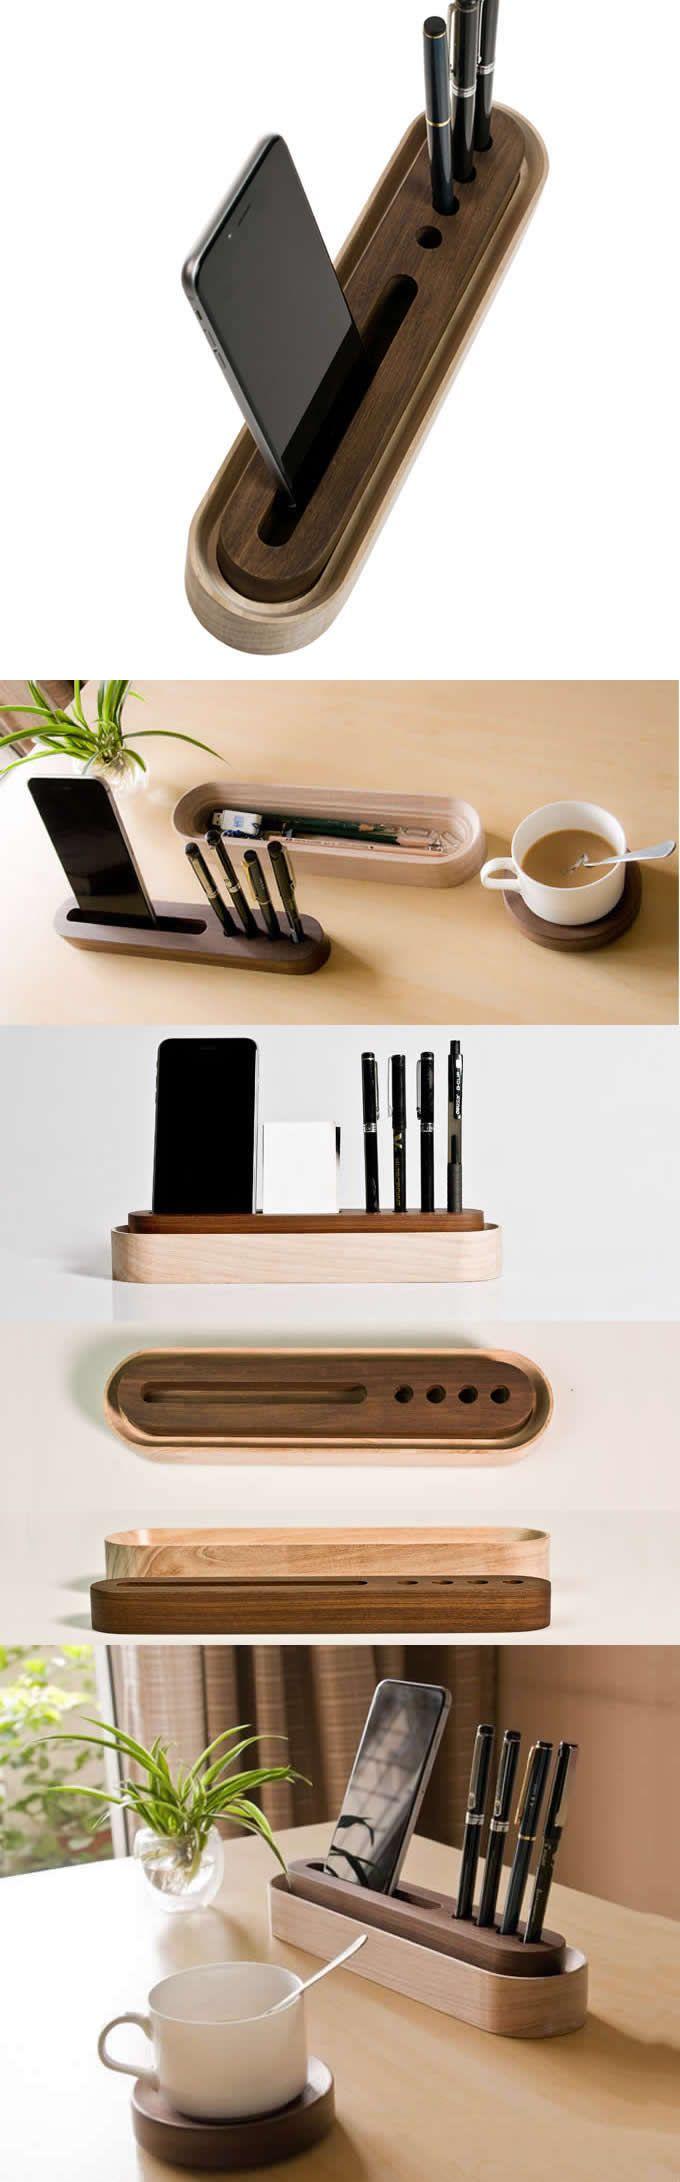 Wooden Office Supplies Desk Organizer Storage Container Phone